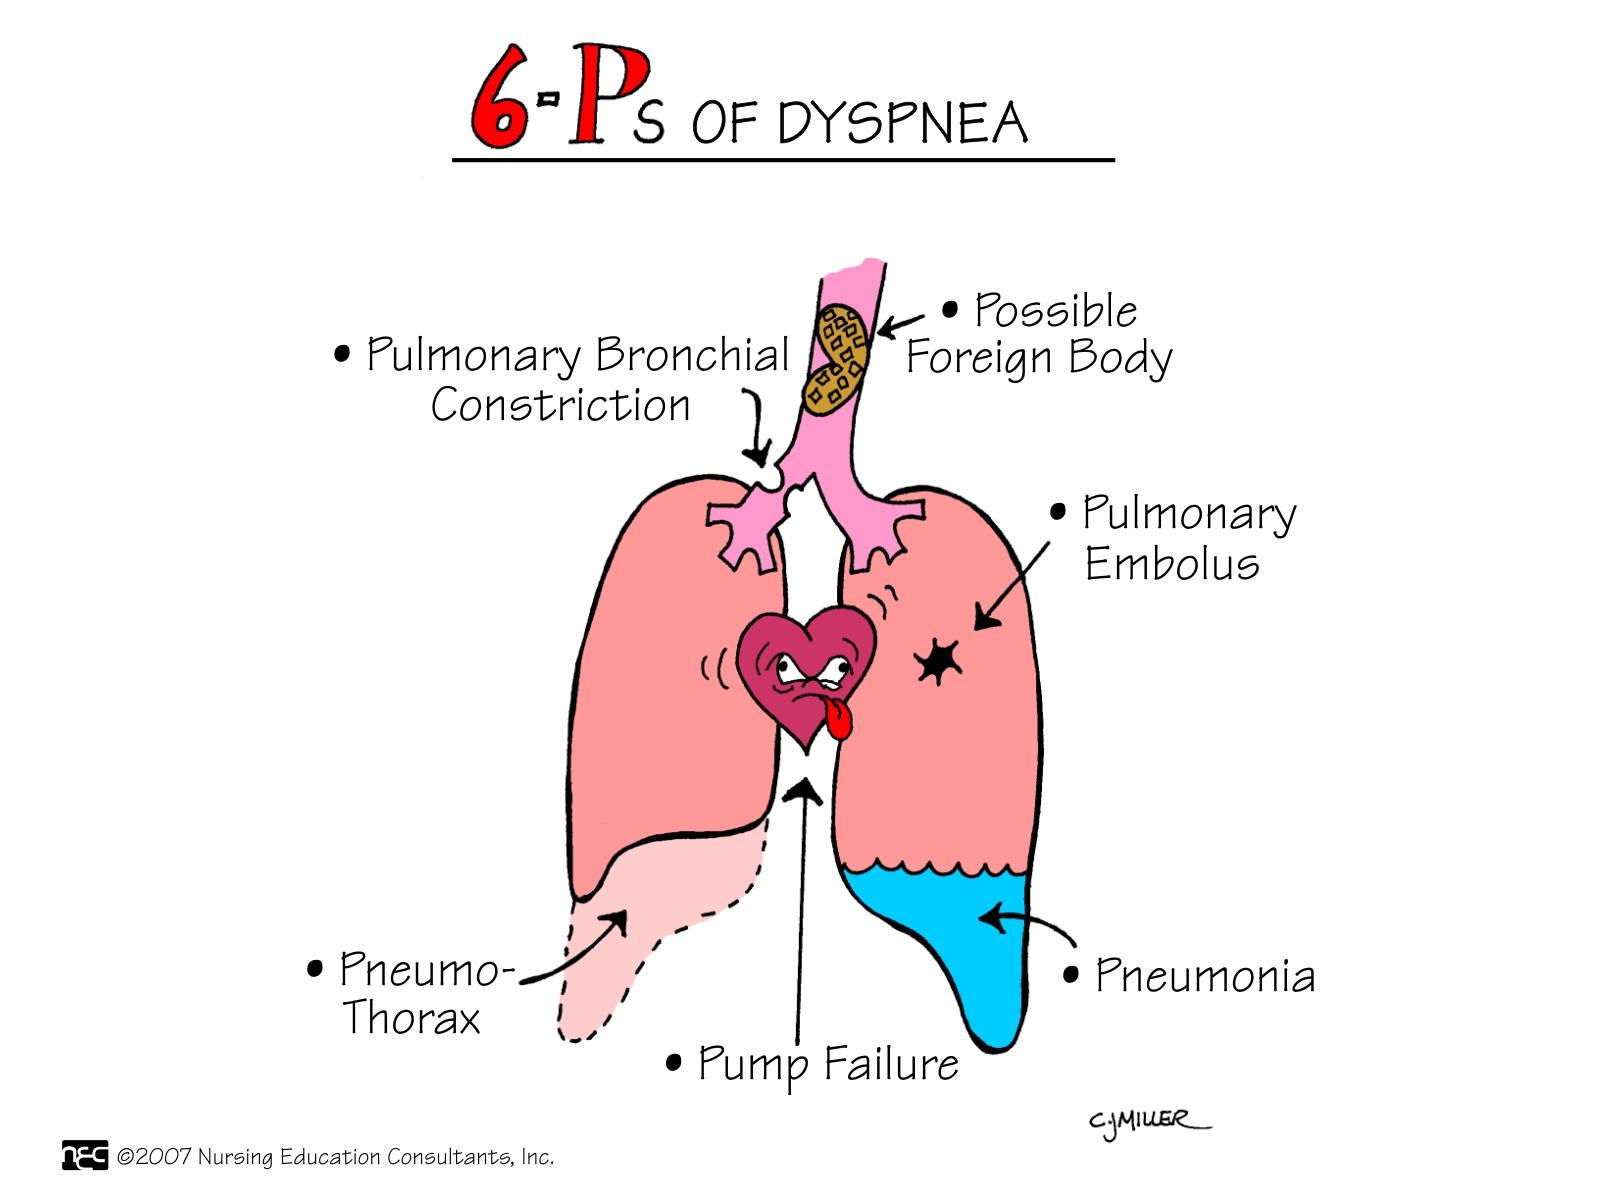 Noções de Emergências Médicas: Dispneia – Manual INEM